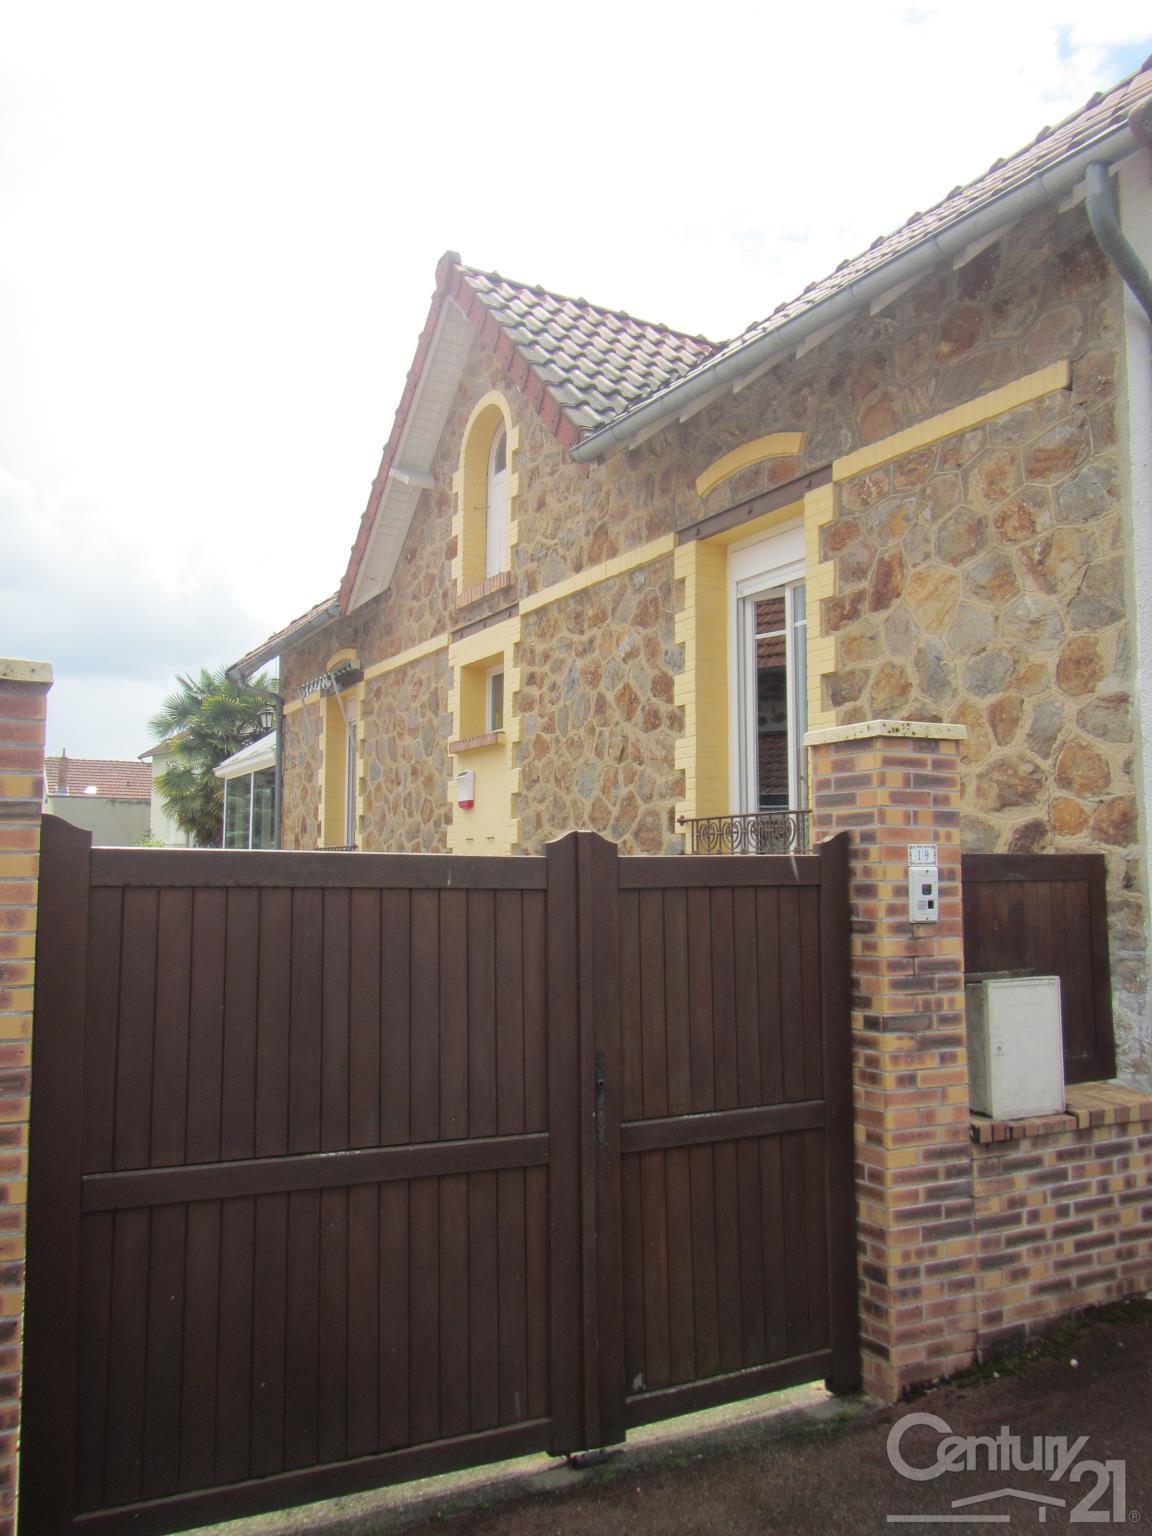 Annonce location maison limoges 87100 78 m 559 for Location maison limoges 87